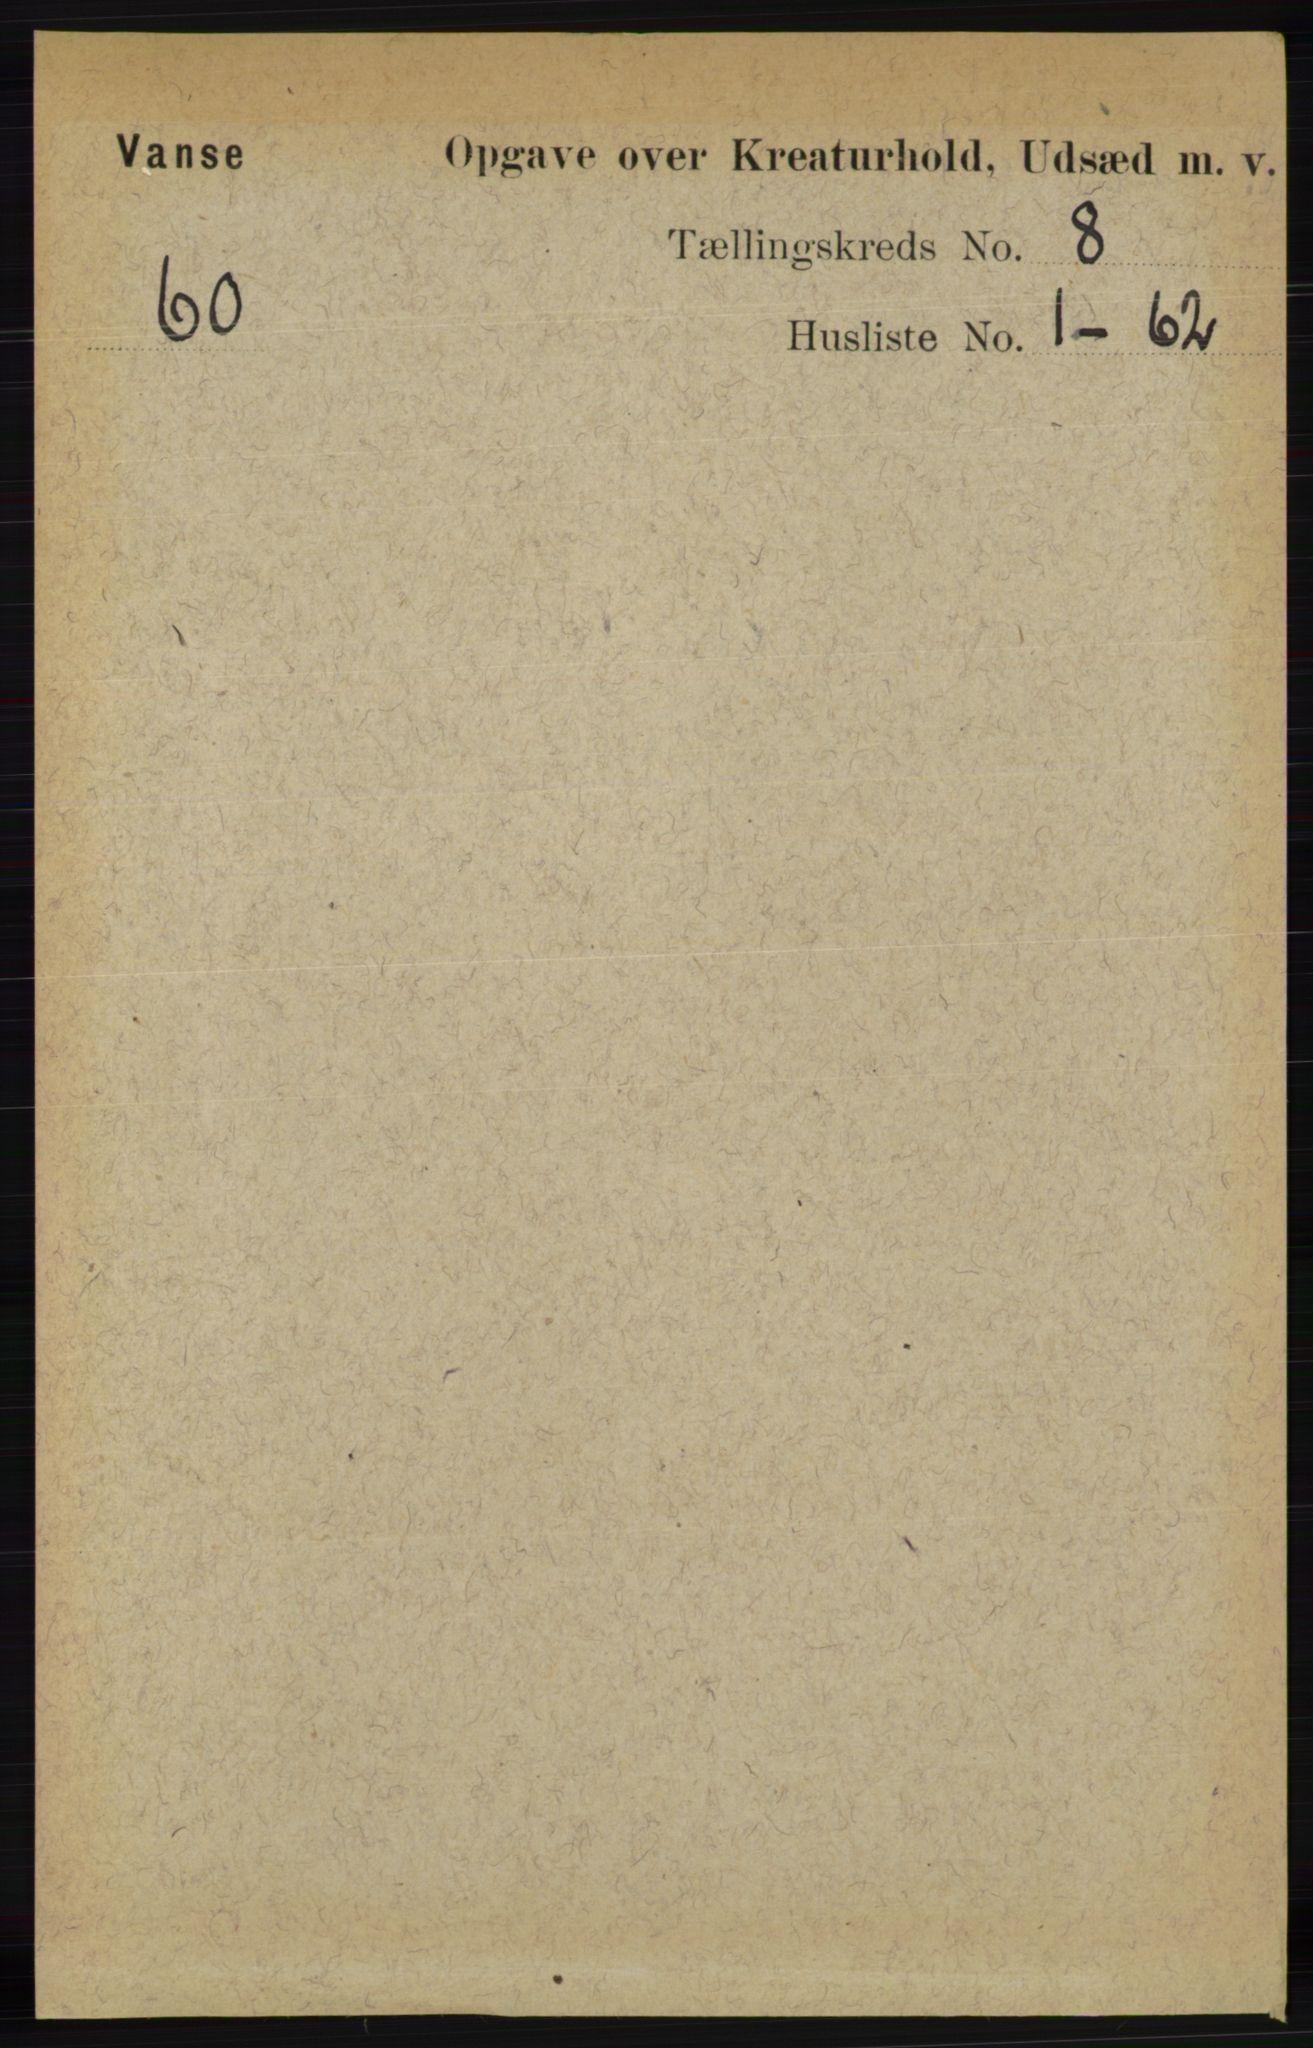 RA, Folketelling 1891 for 1041 Vanse herred, 1891, s. 9457